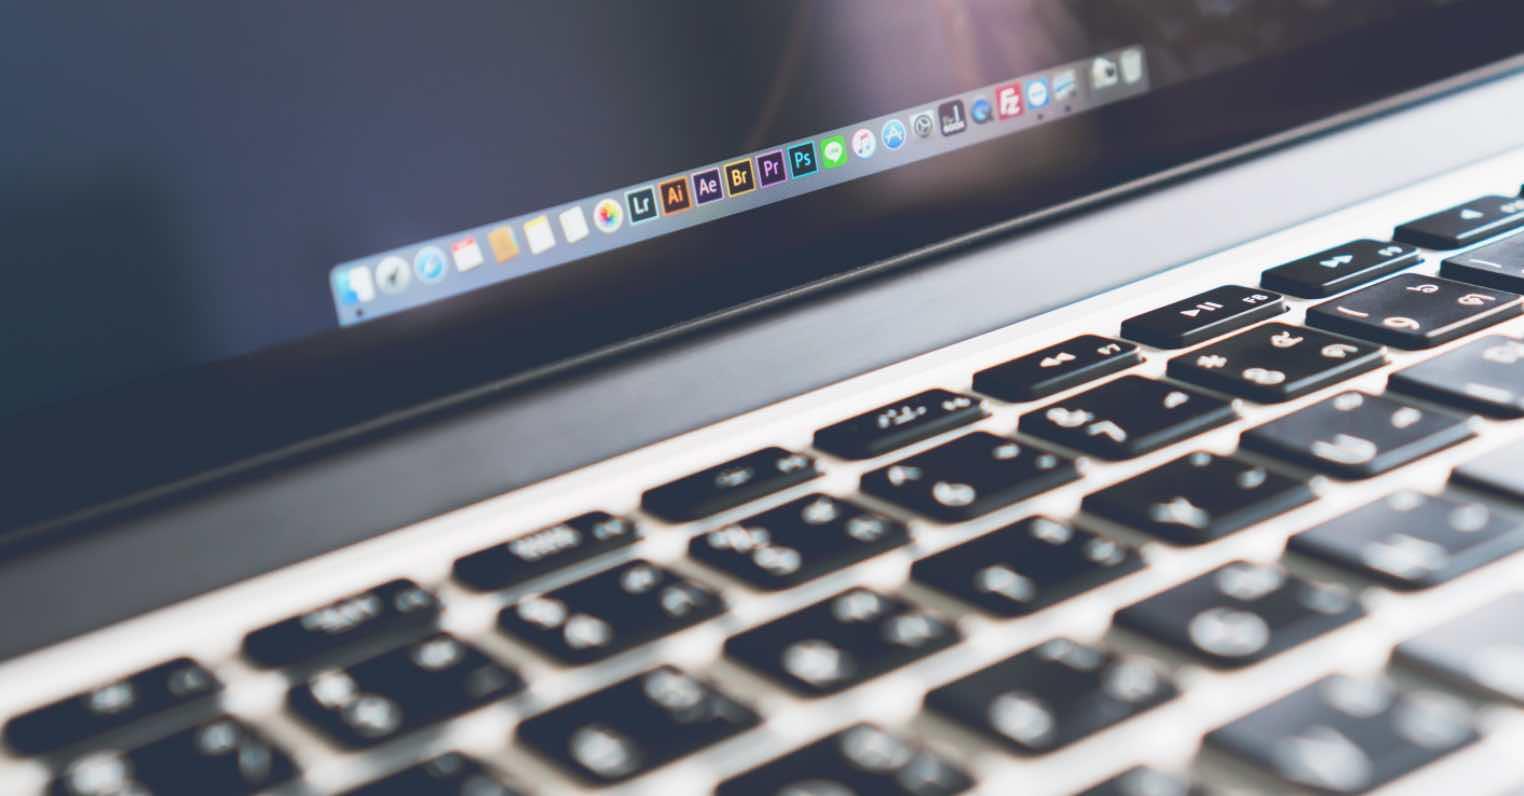 عيب أمني بنظام MacOS يتيح للهاكرز التحكم بأجهزة ماك